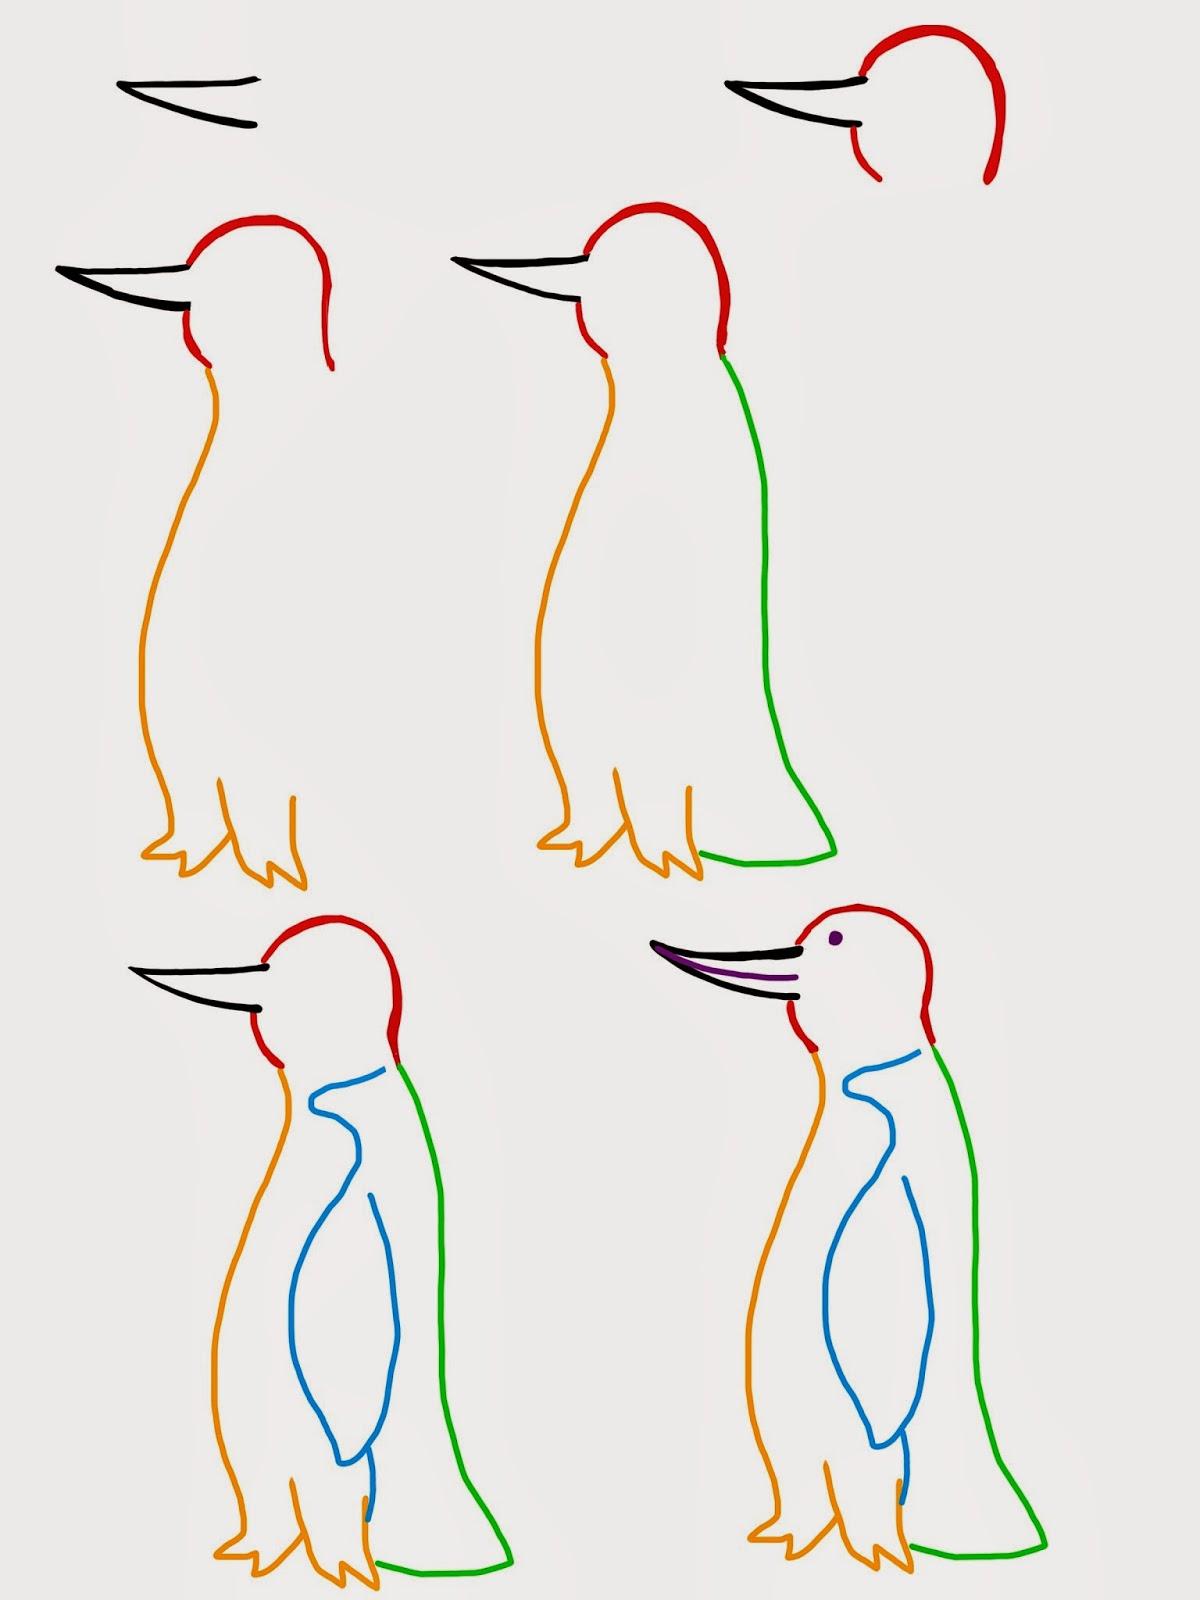 directed drawing in kindergarten bridges to writing - Drawing Pictures For Kindergarten